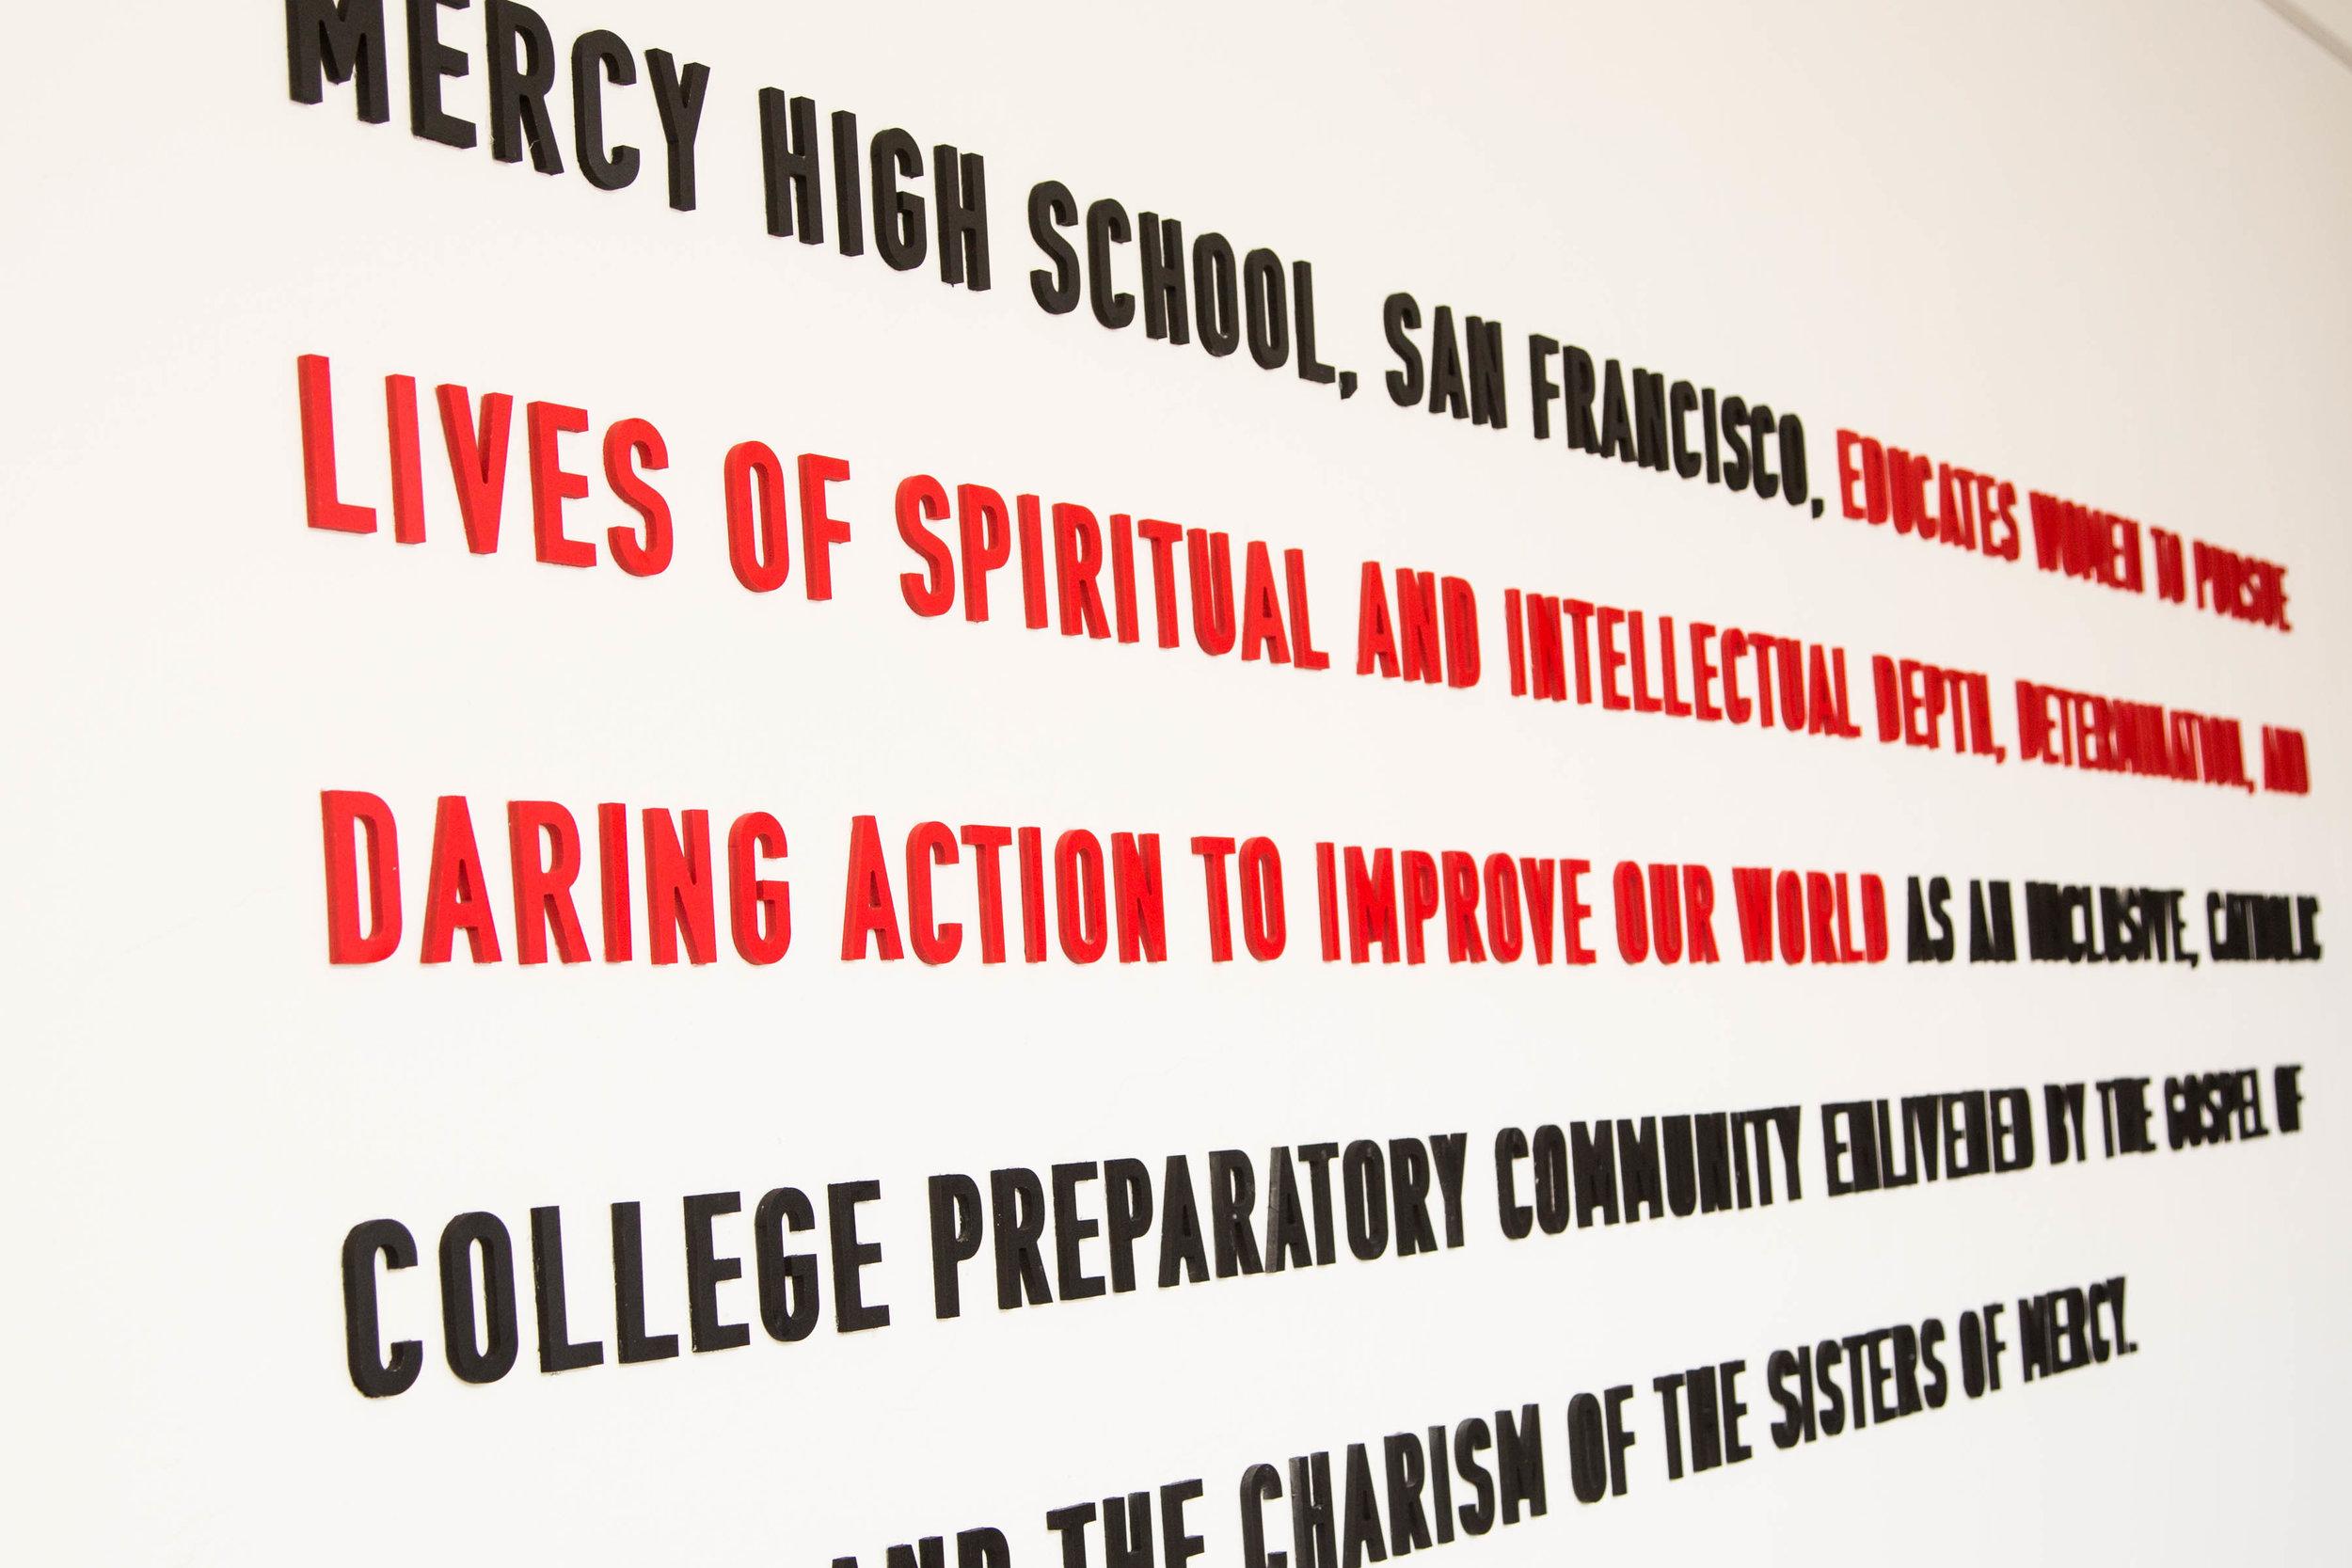 MERCY HIGH SCHOOL SAN FRANCISCO